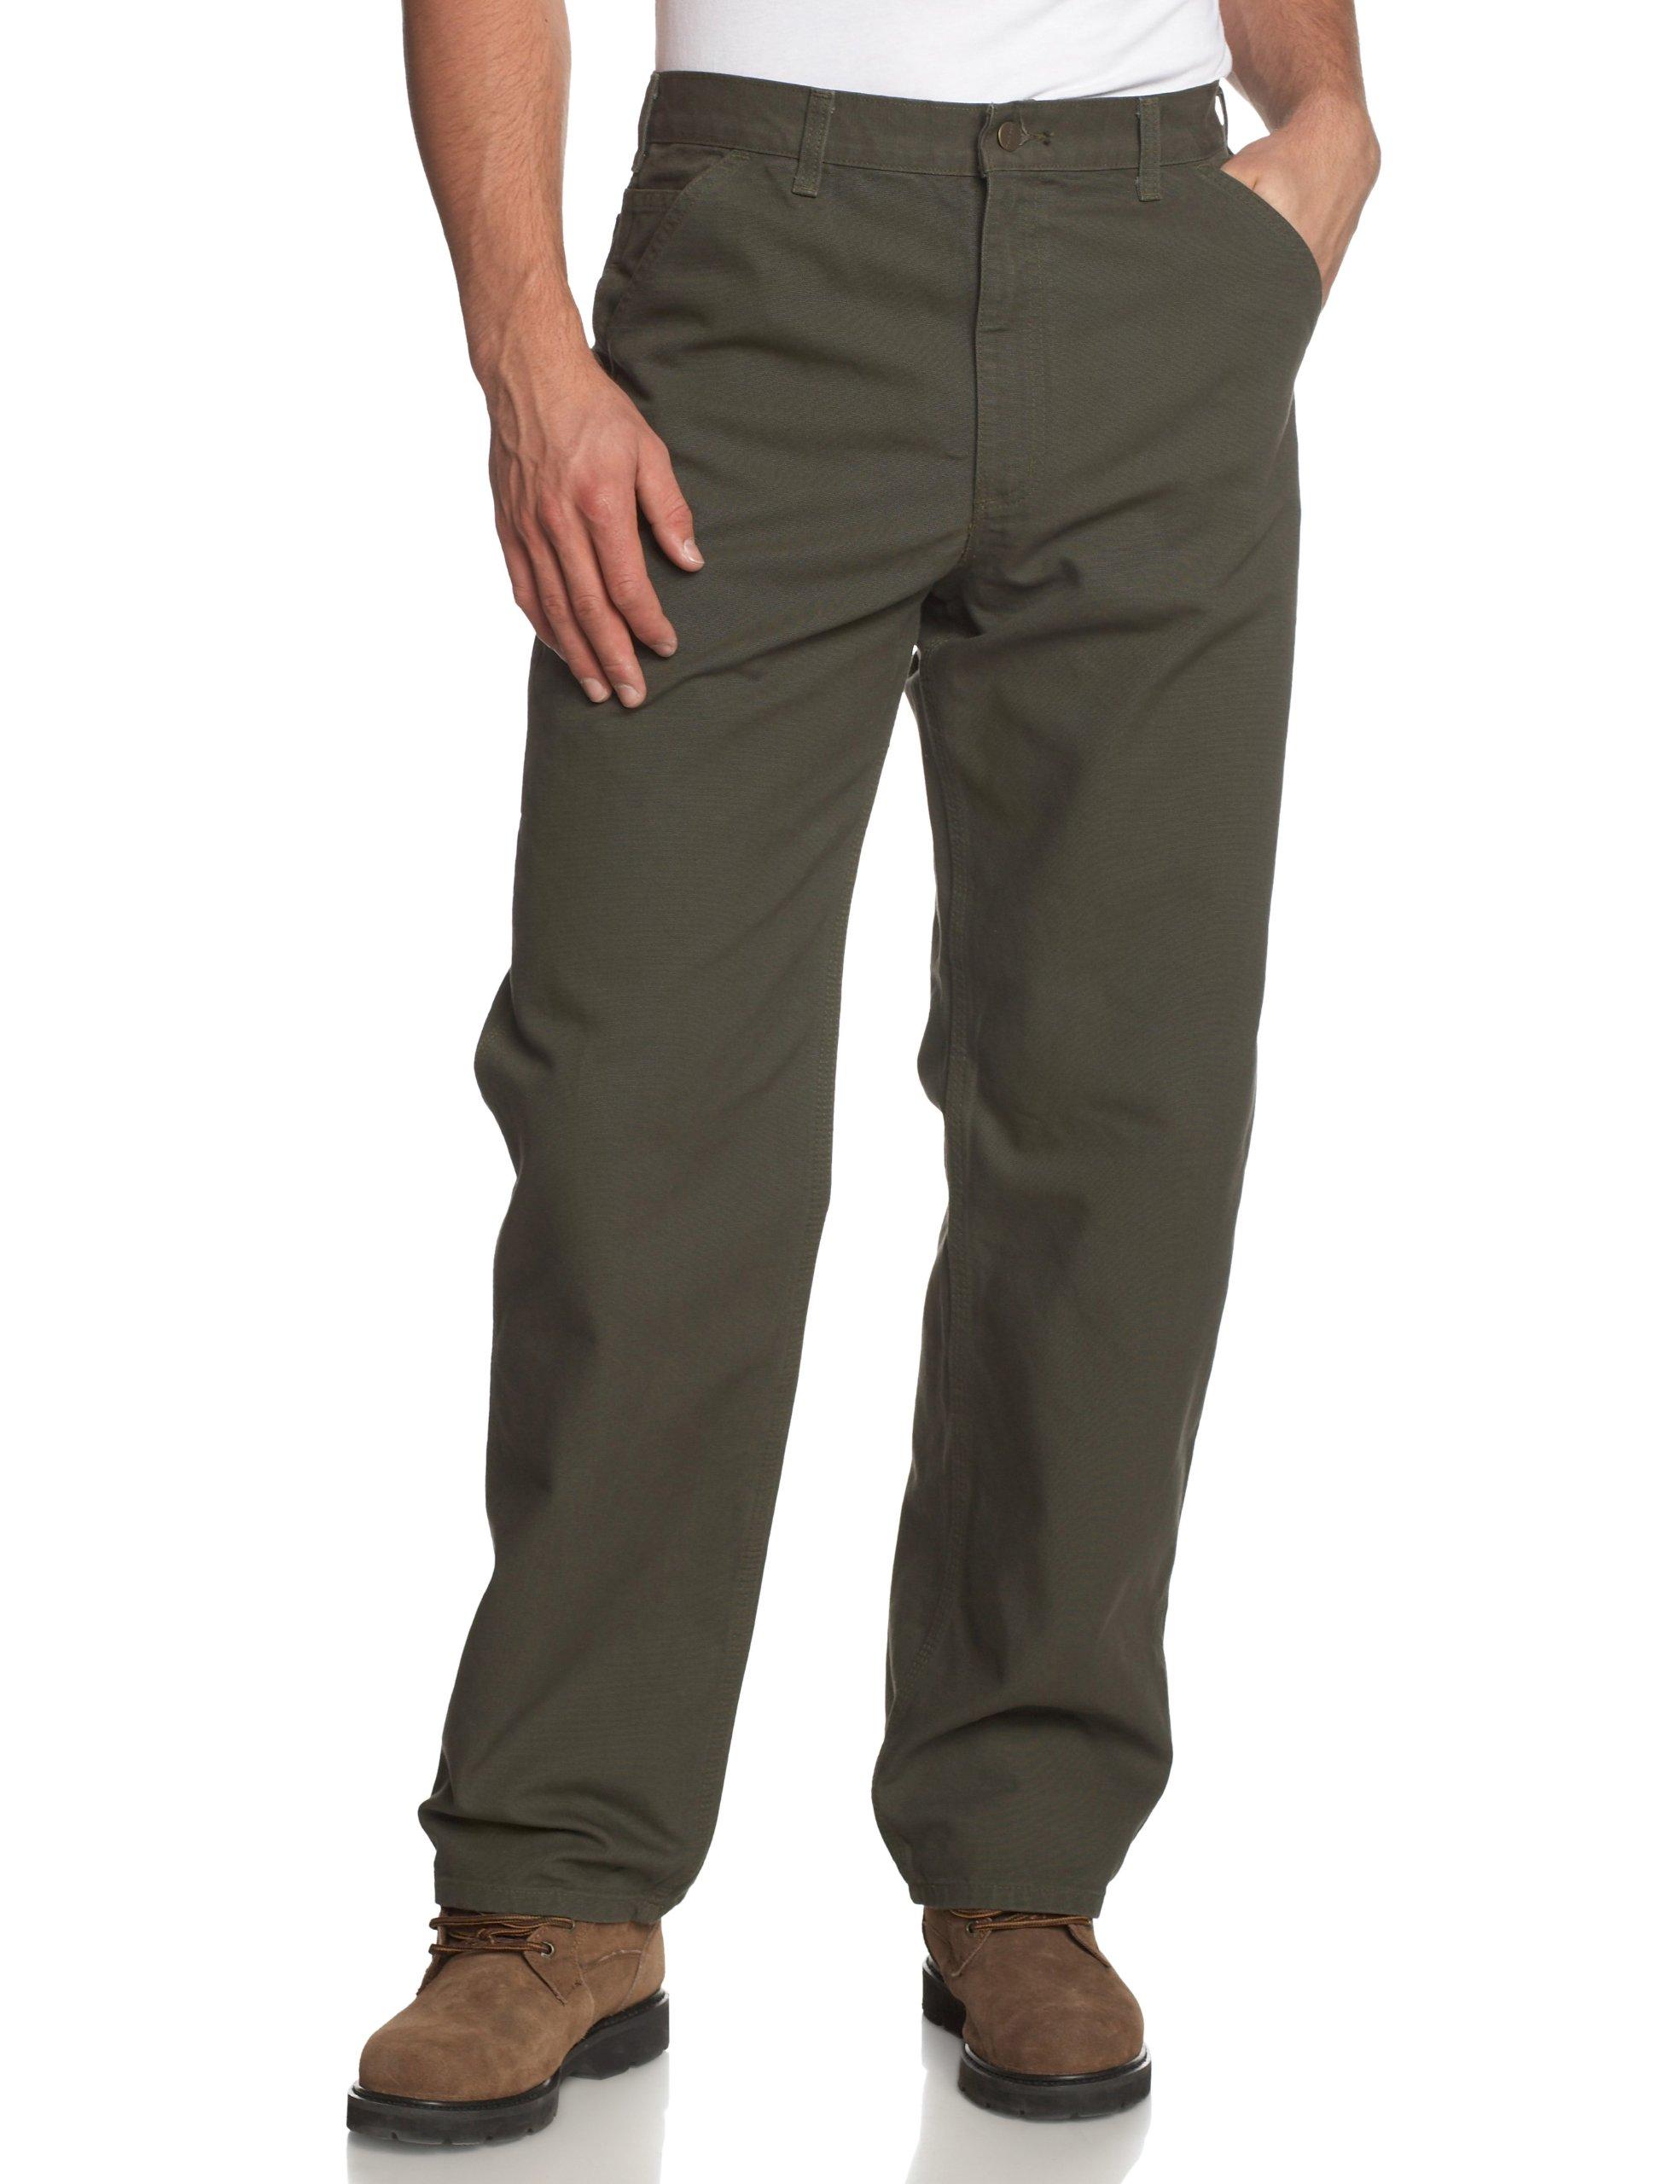 Carhartt Men's Work Dungaree Pants Moss 29W x 32L by Carhartt